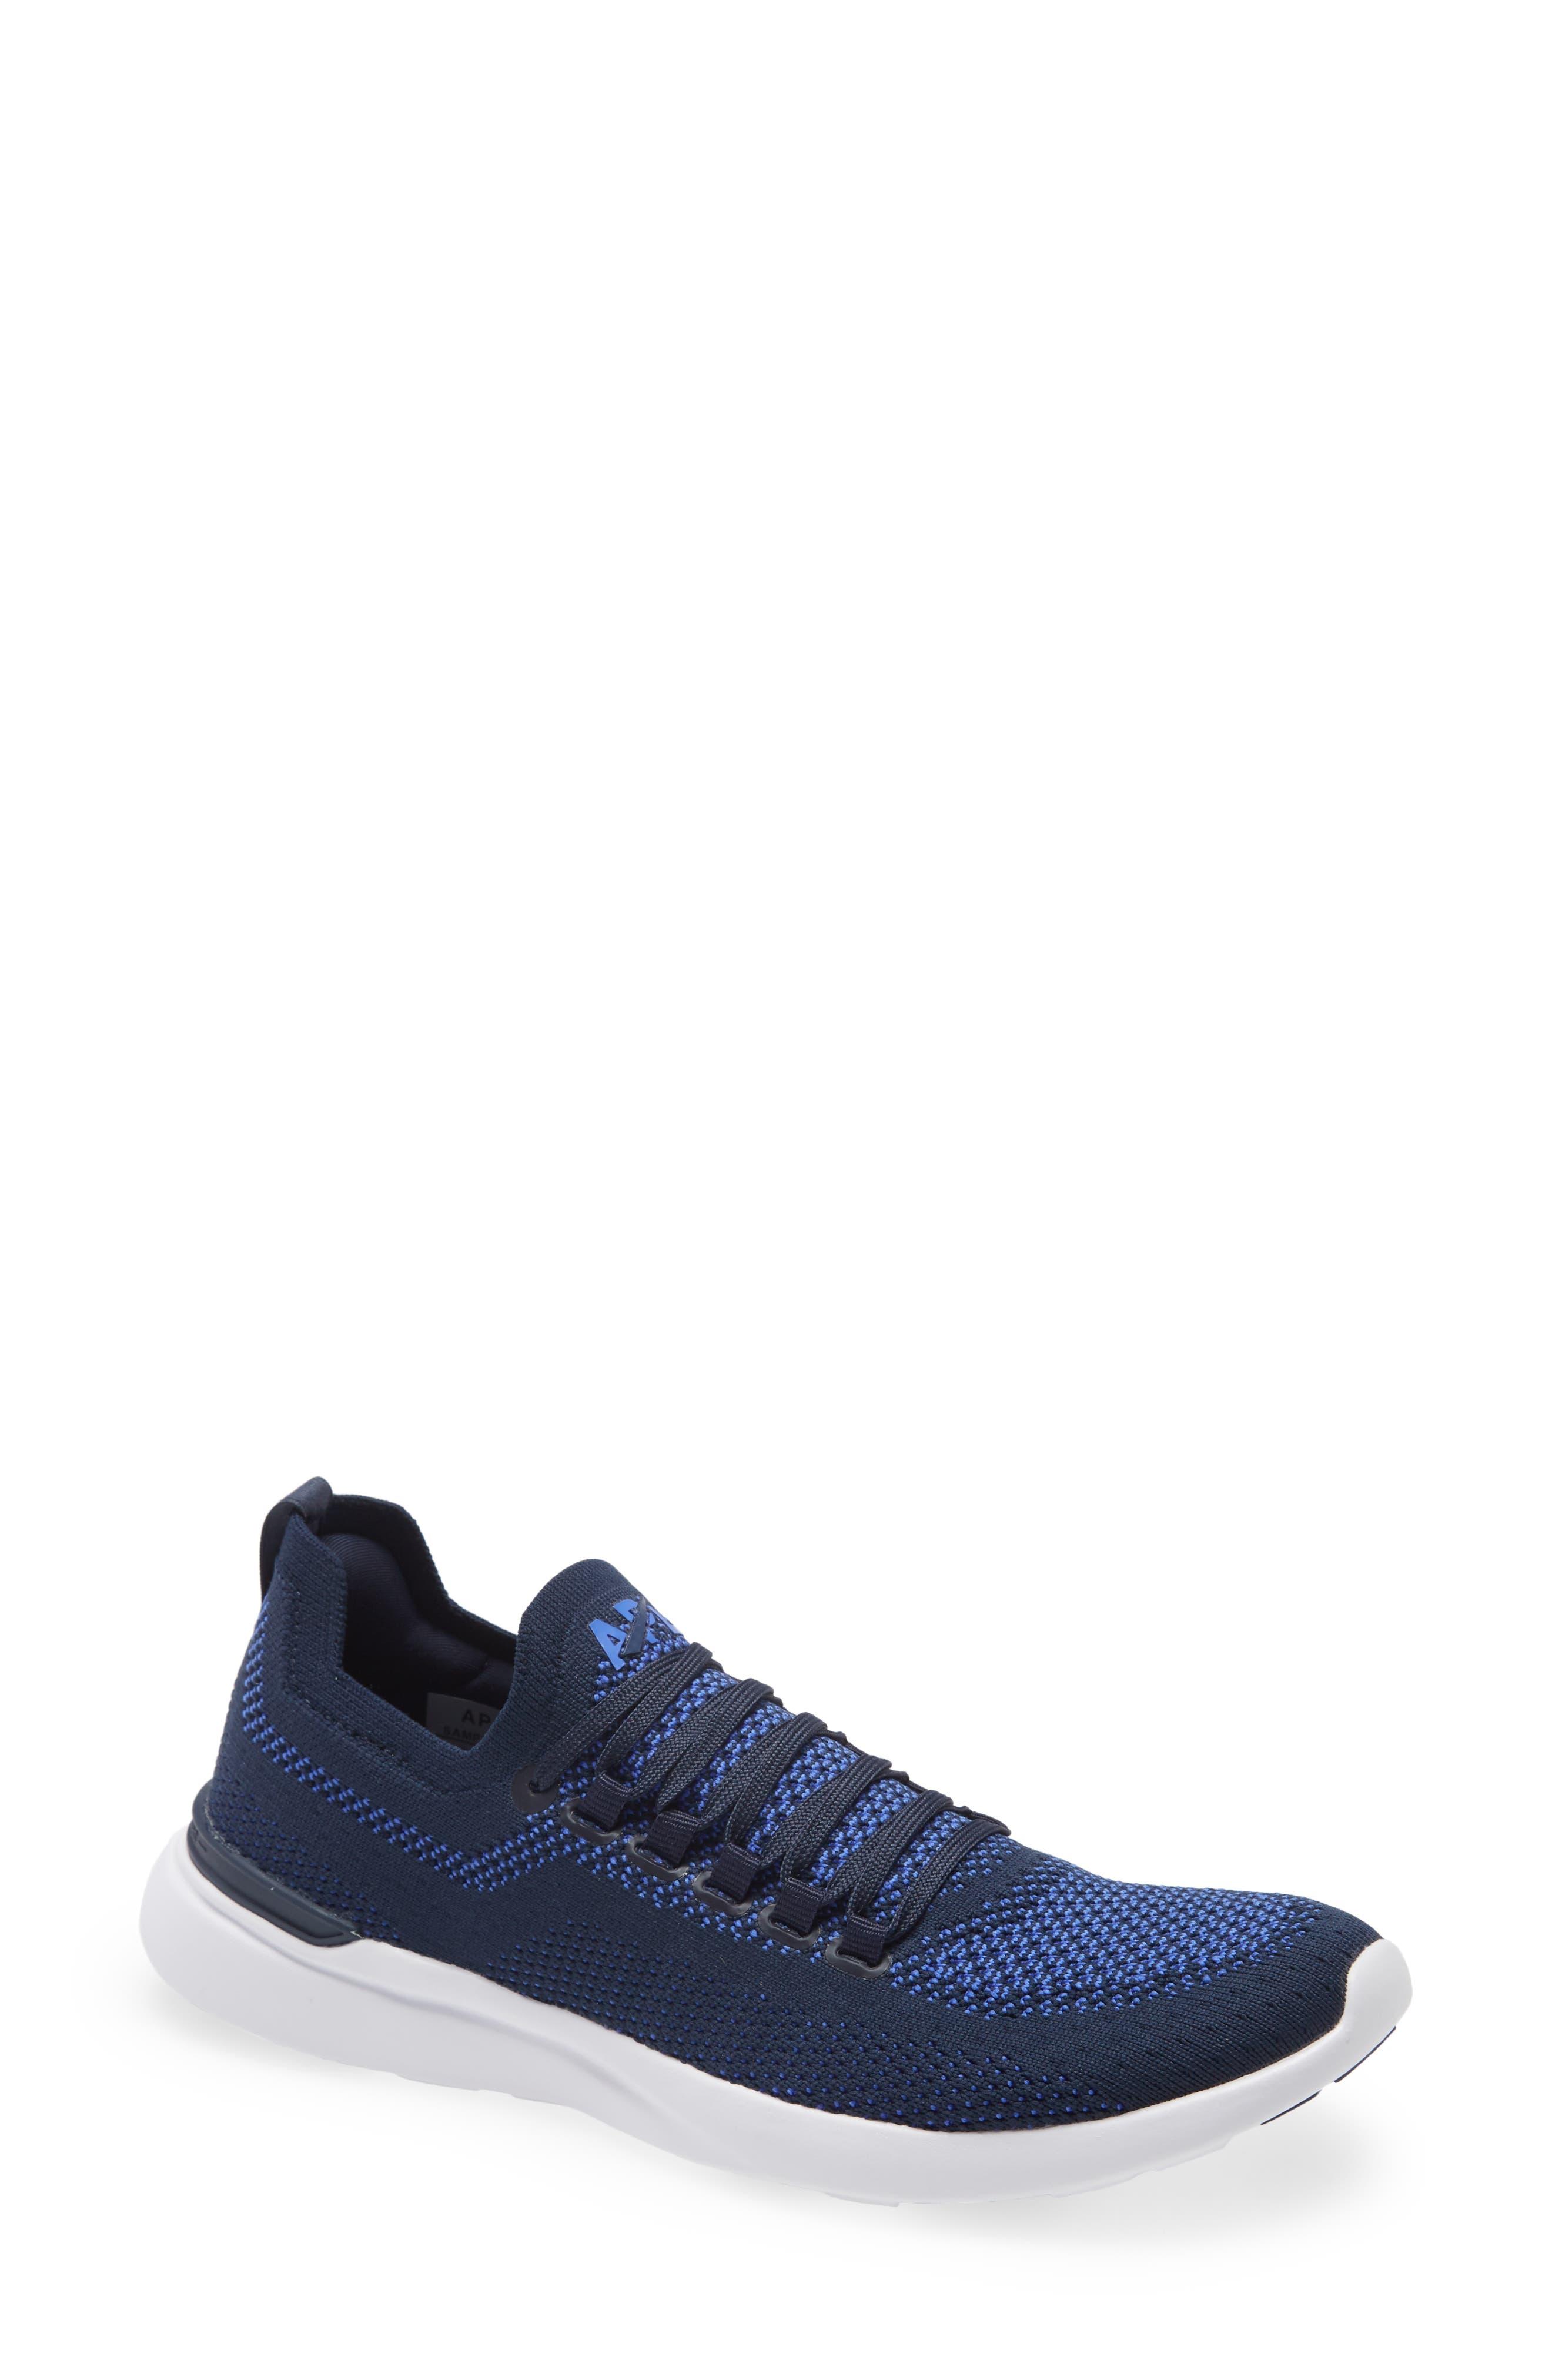 Techloom Breeze Knit Running Shoe